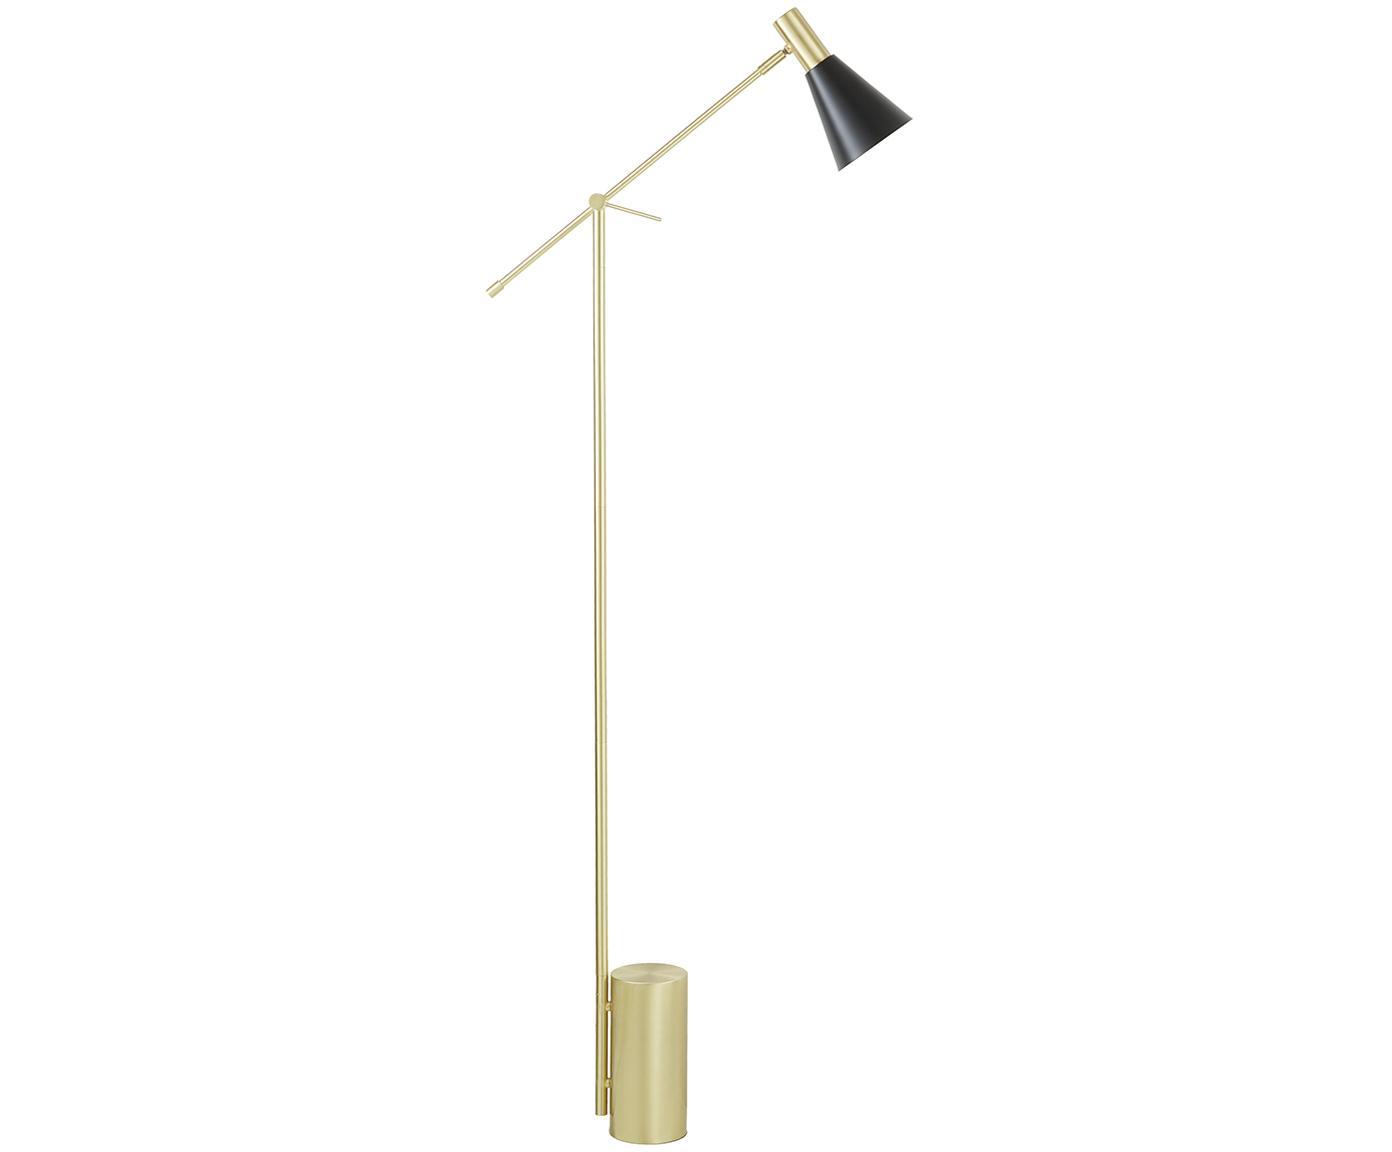 Vloerlamp Sia, Lampenkap: gepoedercoat metaal, Lampvoet: vermessingd metaal, Zwart, Ø 14 x H 162 cm